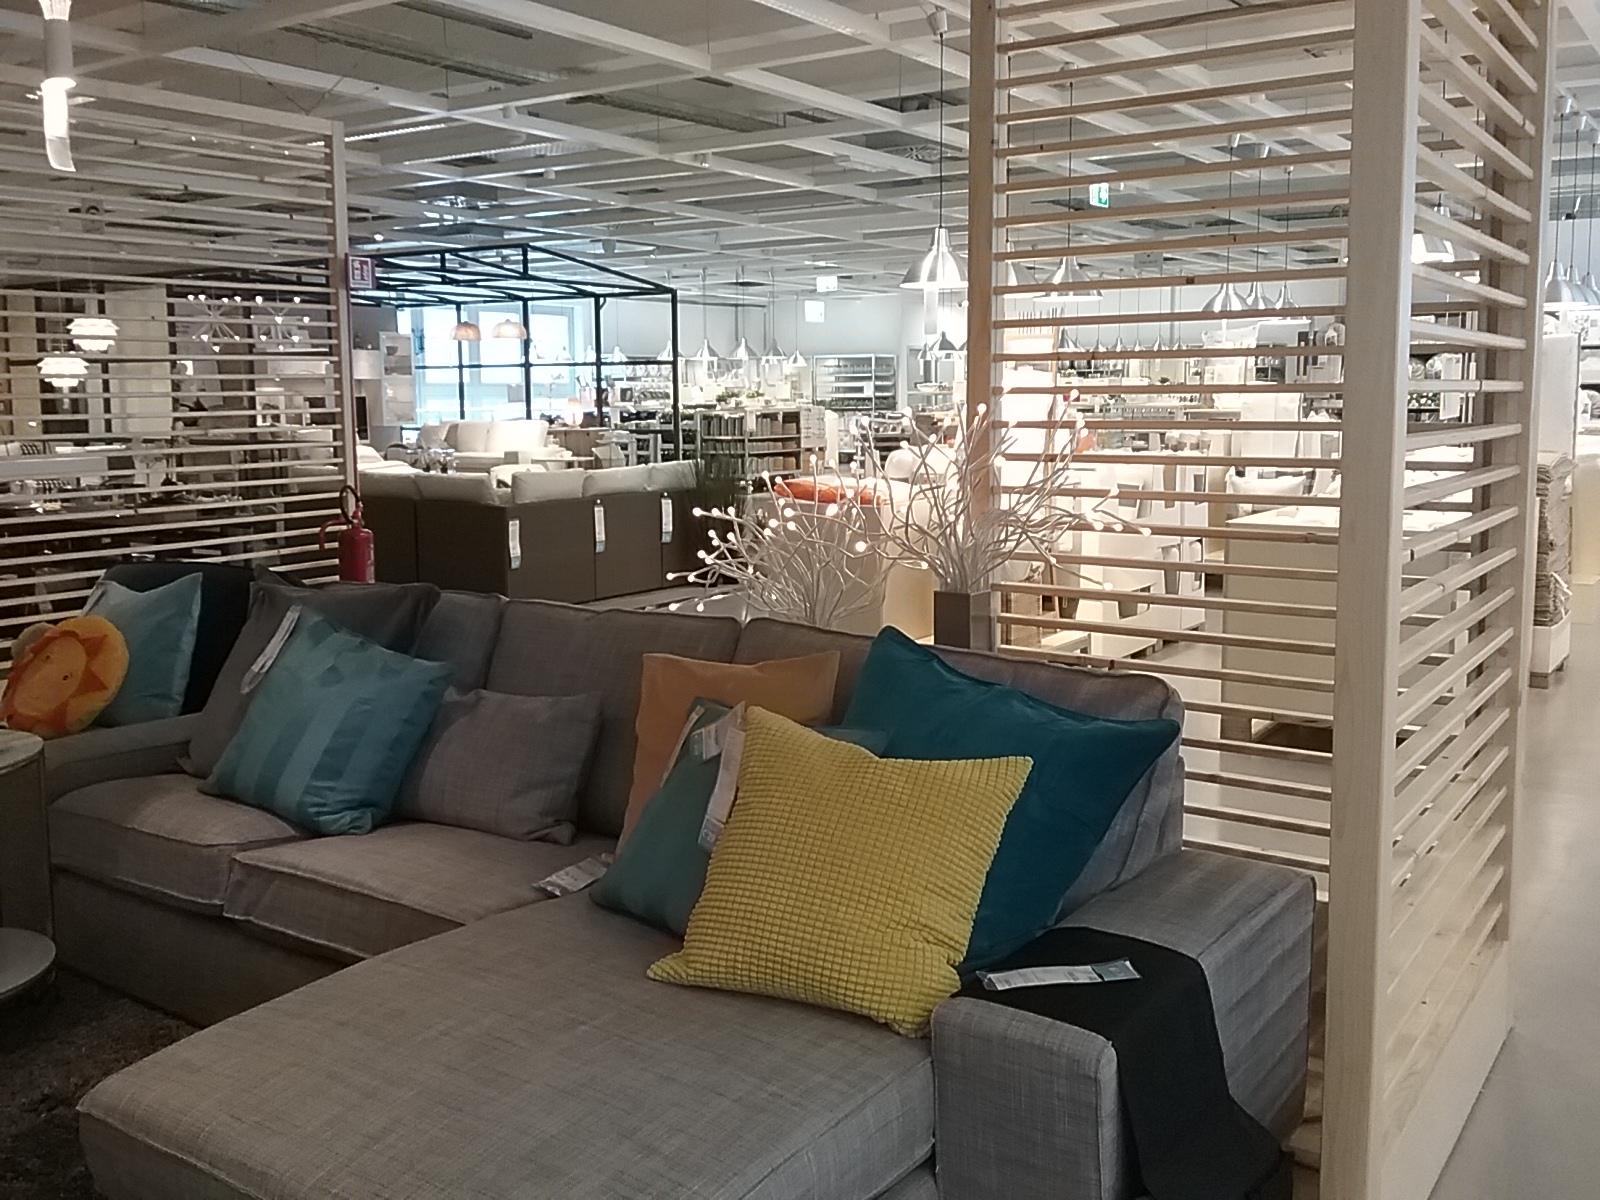 Ikea il colosso dellarredamento sbarca a Cagliari mercoled lapertura  Sardiniapostit